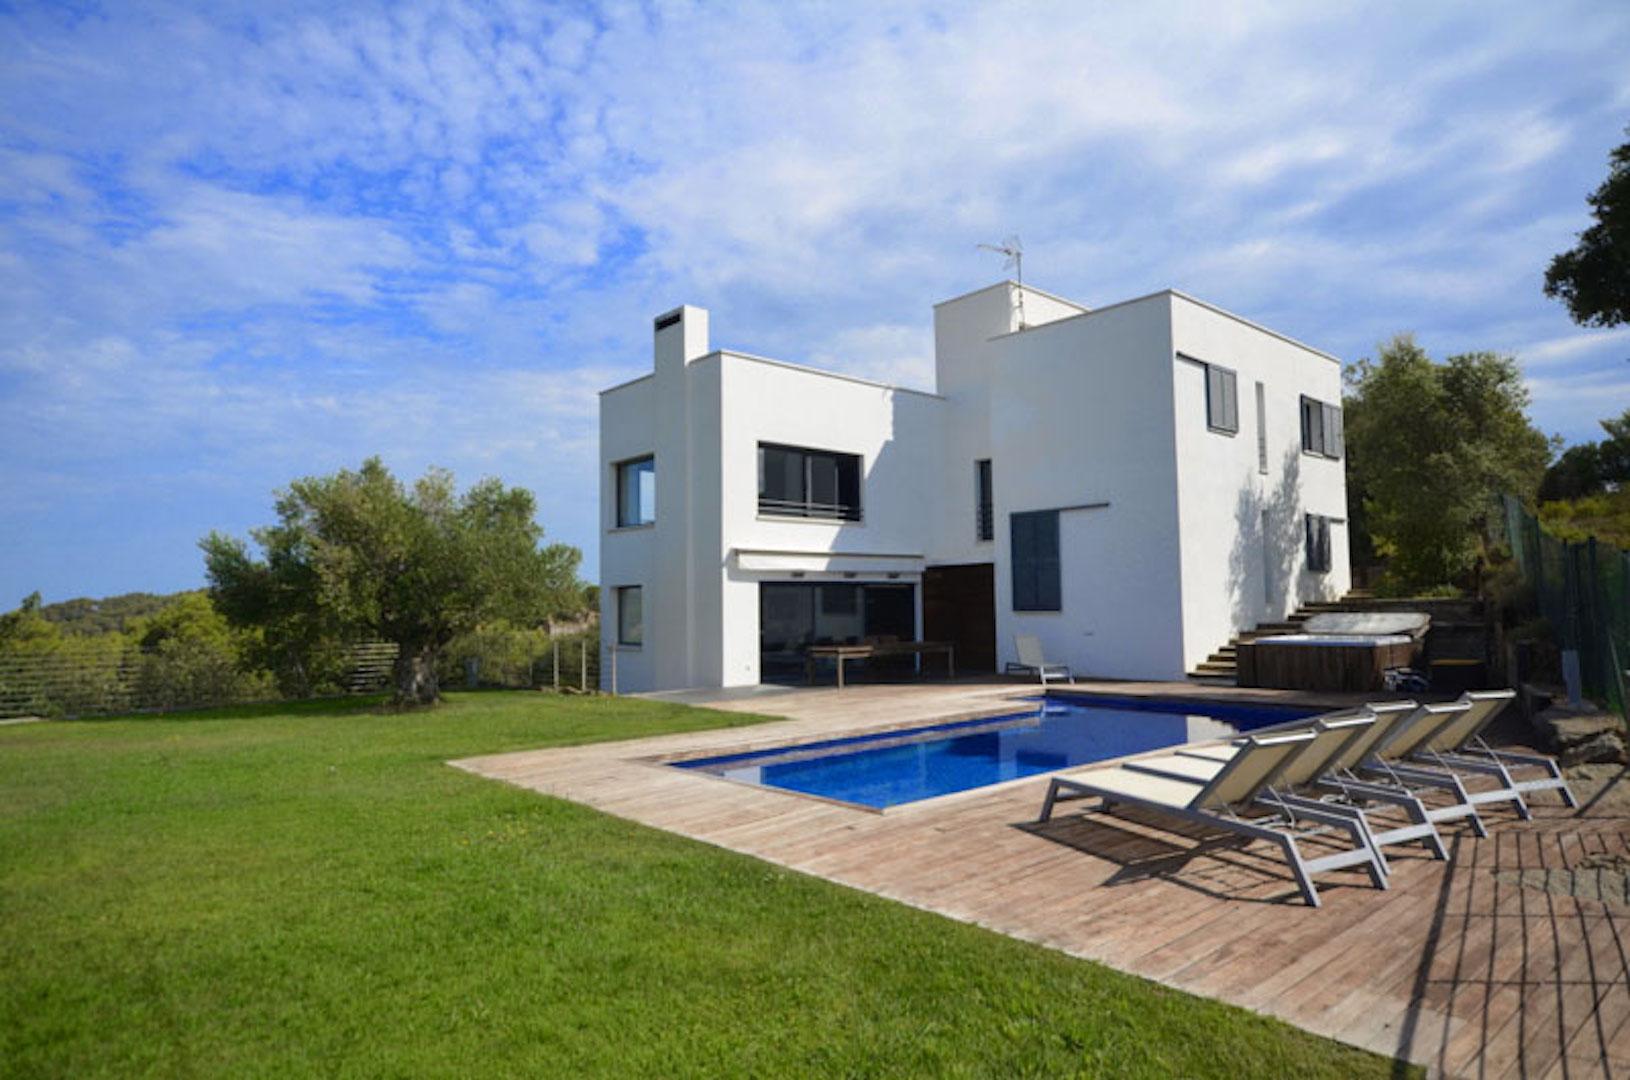 Location maison Begur-09